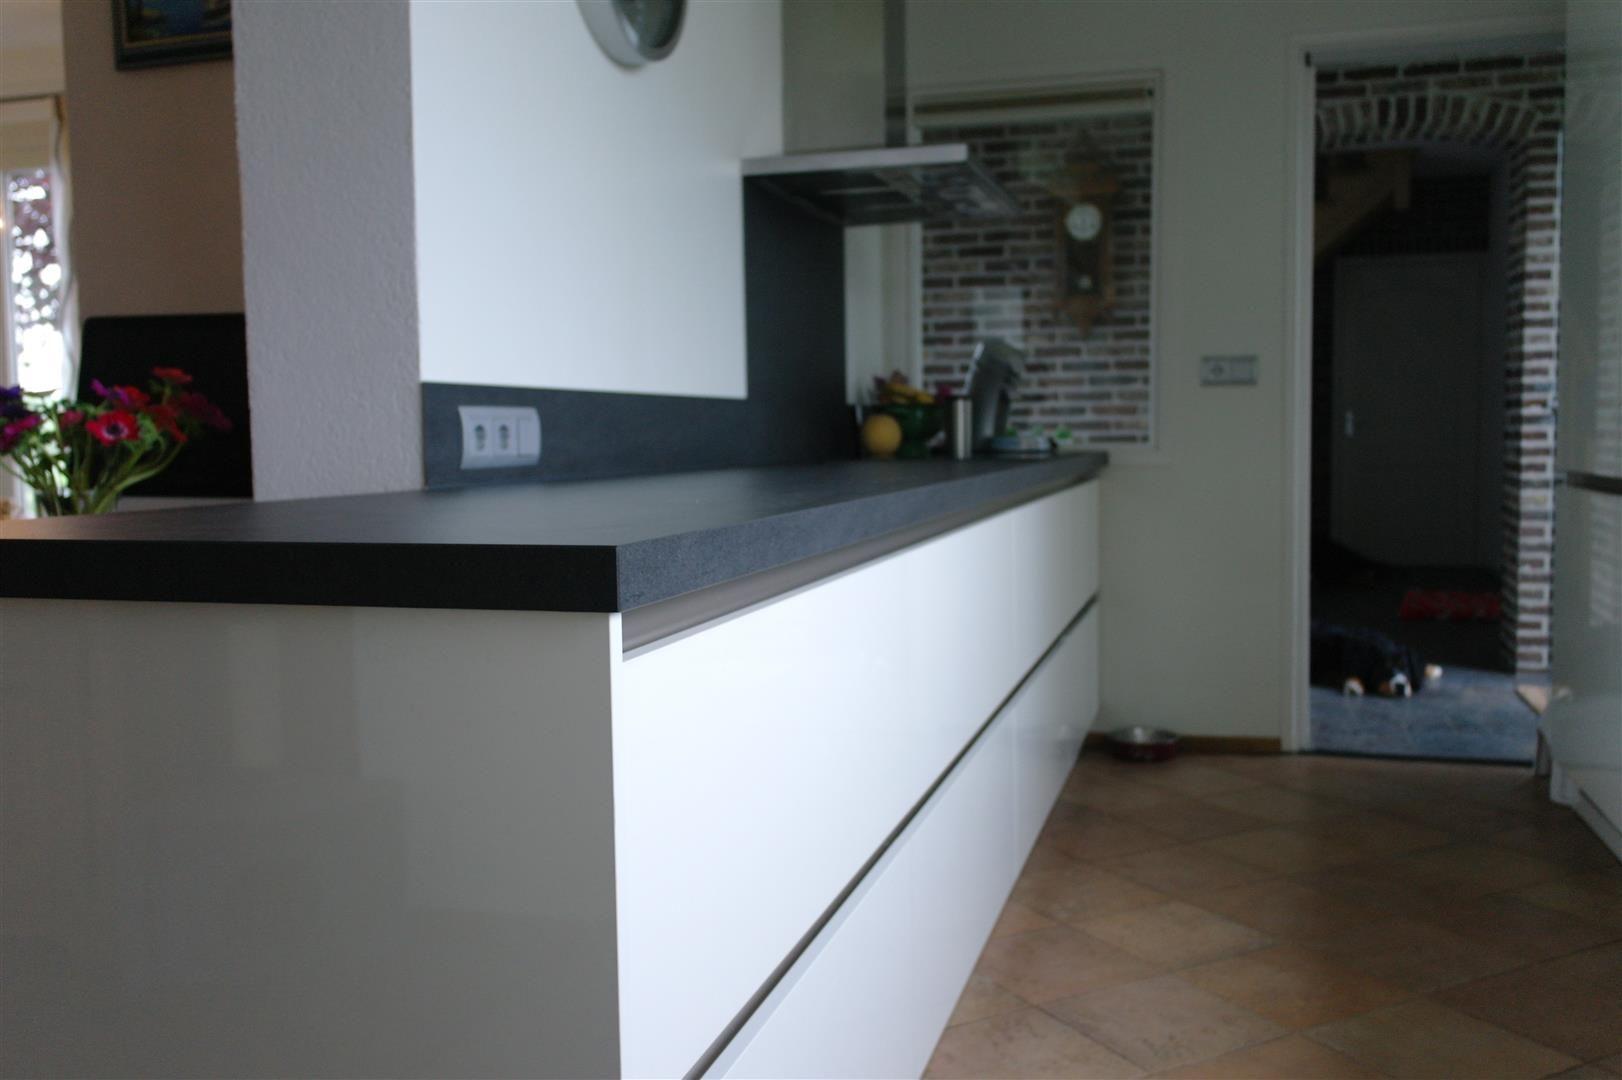 Strakke greeploze hoogglans witte keller keuken met keramiek werkblad voorzien van boretti - Witte keuken voorzien van gelakt ...